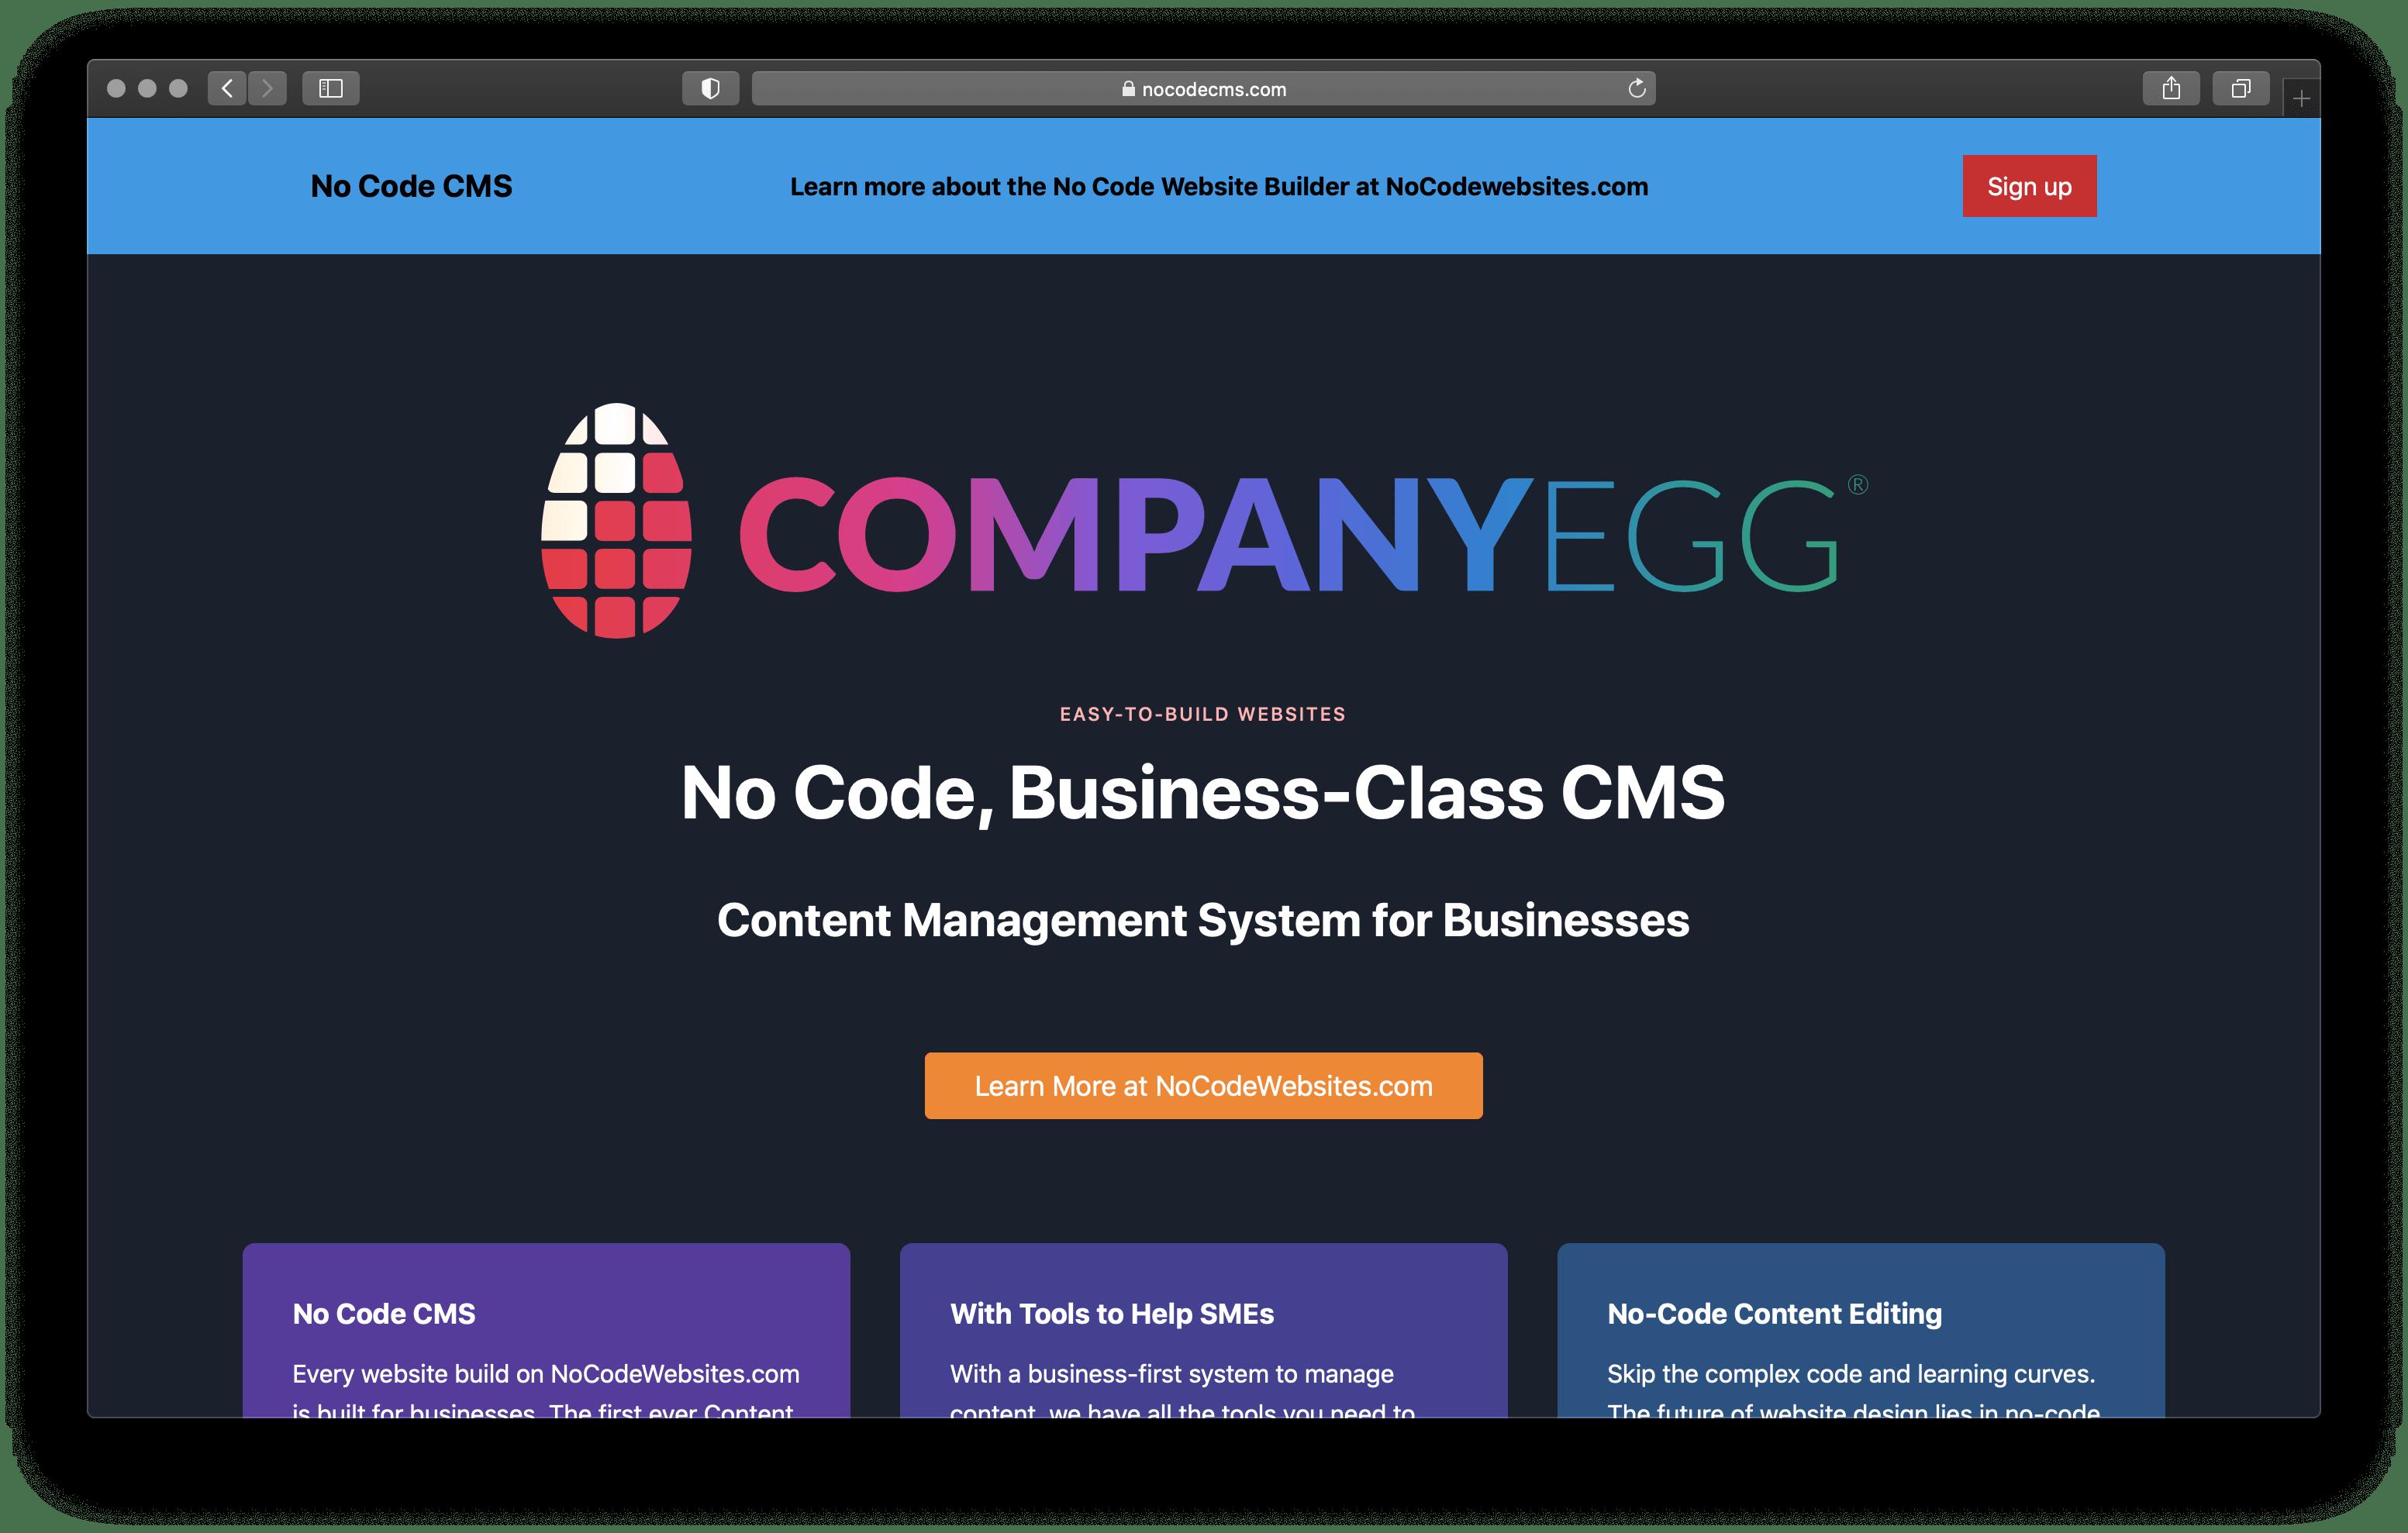 NoCodeCMS.com